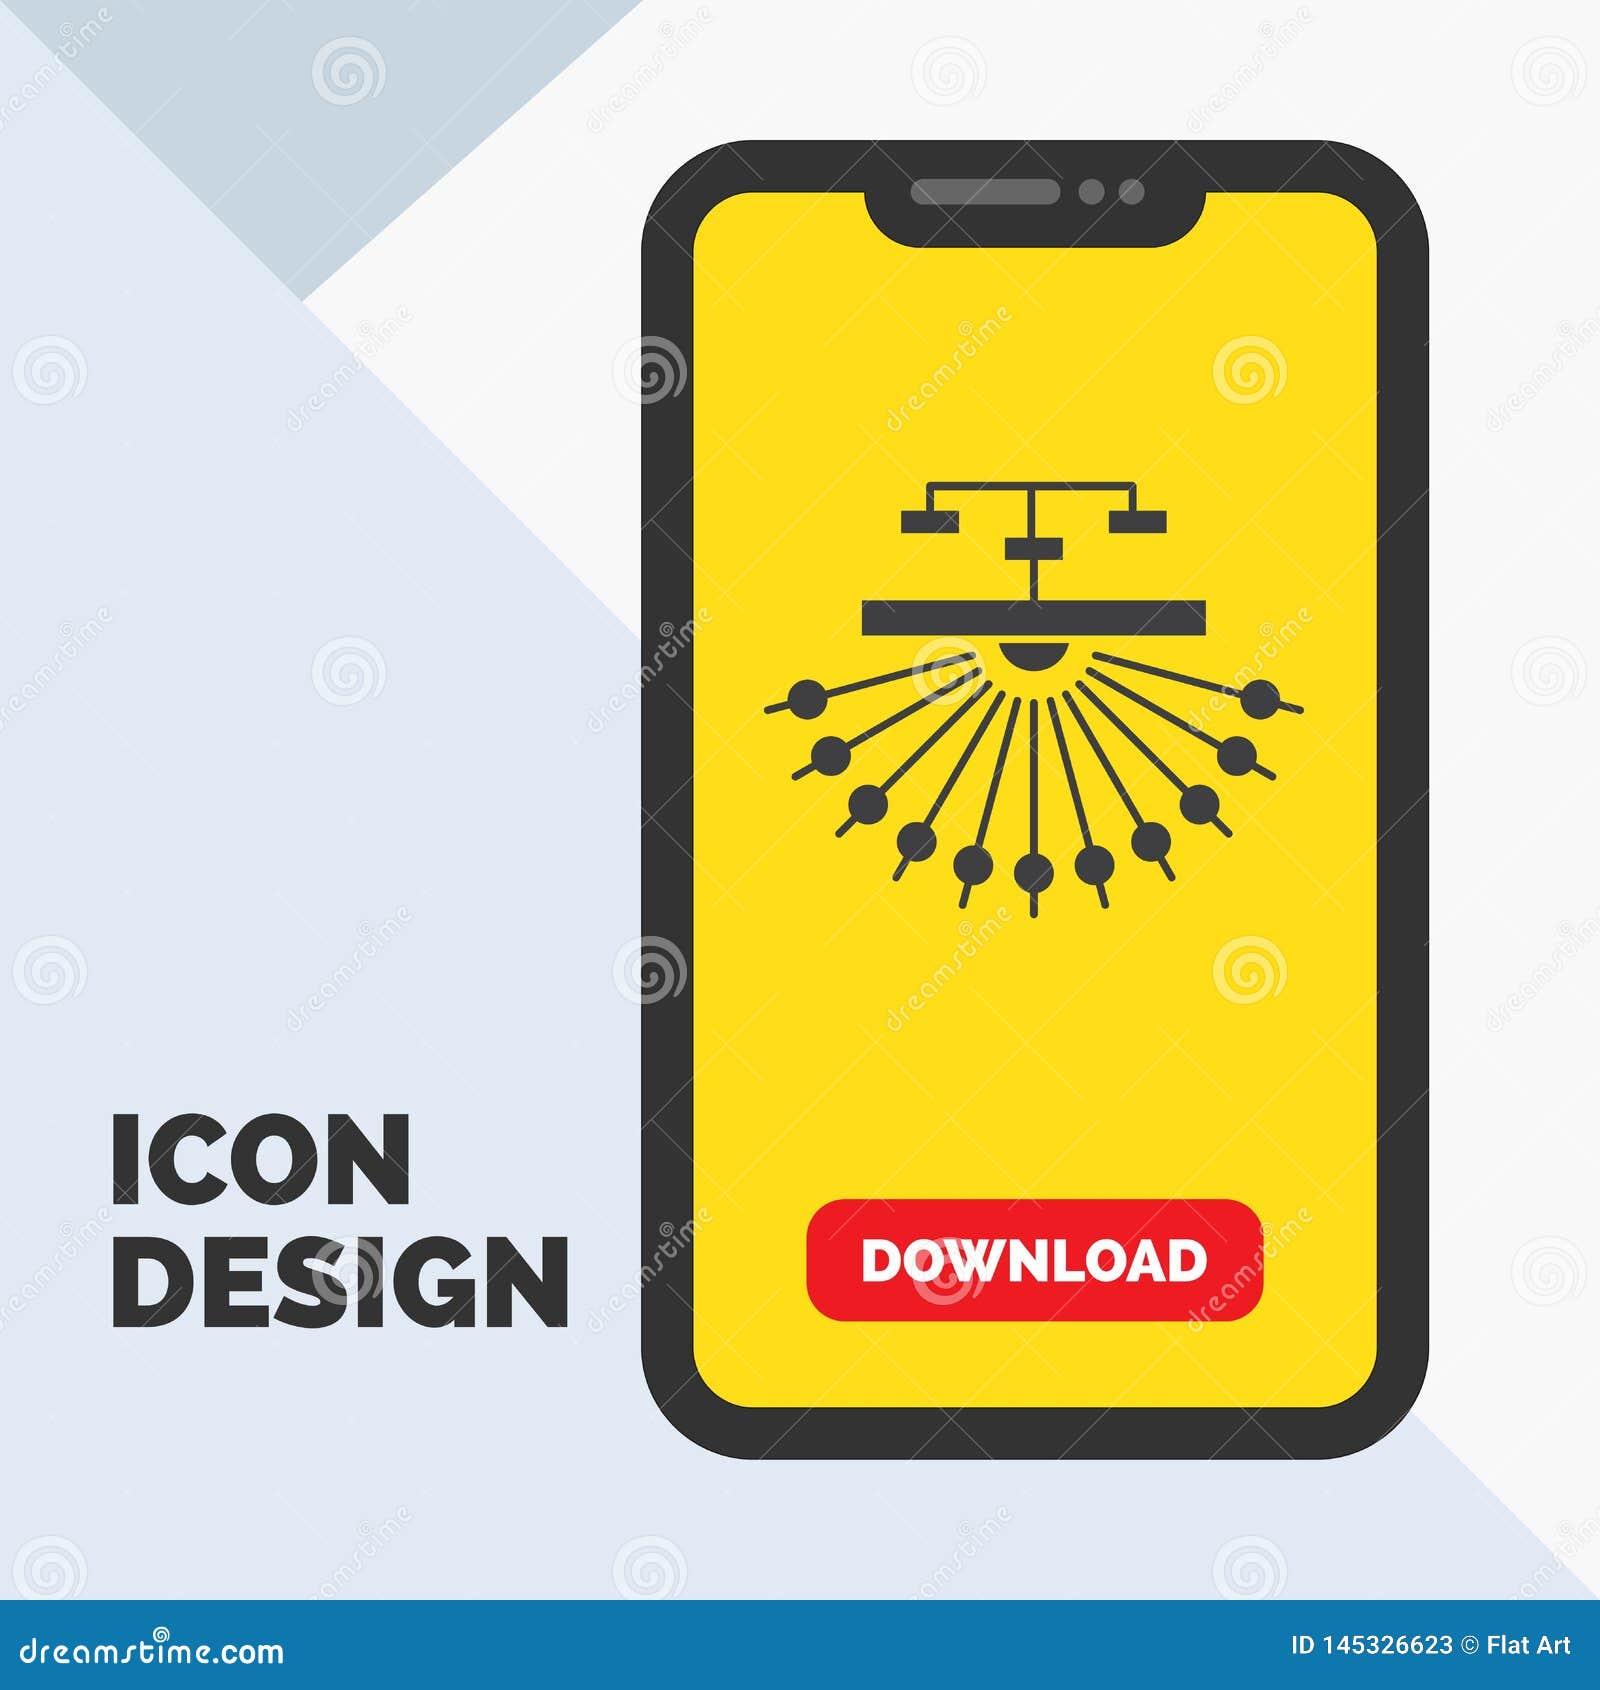 Otimização, local, local, estrutura, ícone do Glyph da Web no móbil para a página da transferência Fundo amarelo